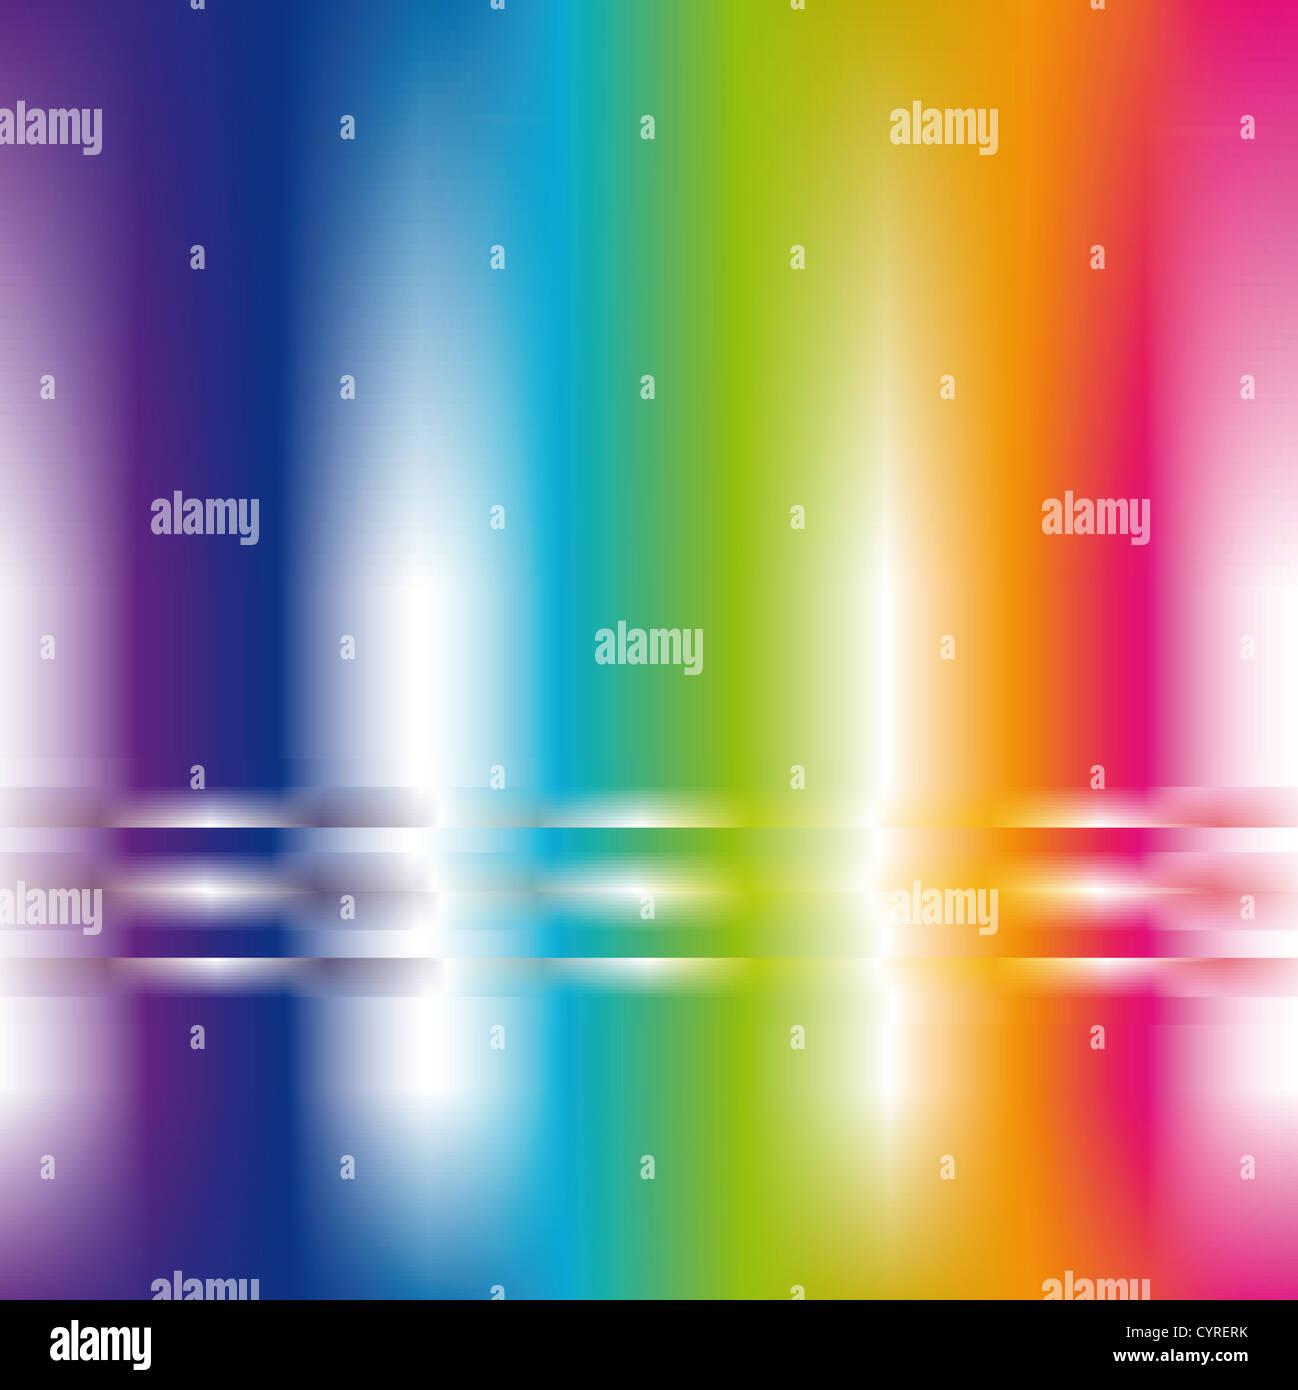 Resumen Antecedentes El cuadrado de color pastel los colores del arco iris Imagen De Stock